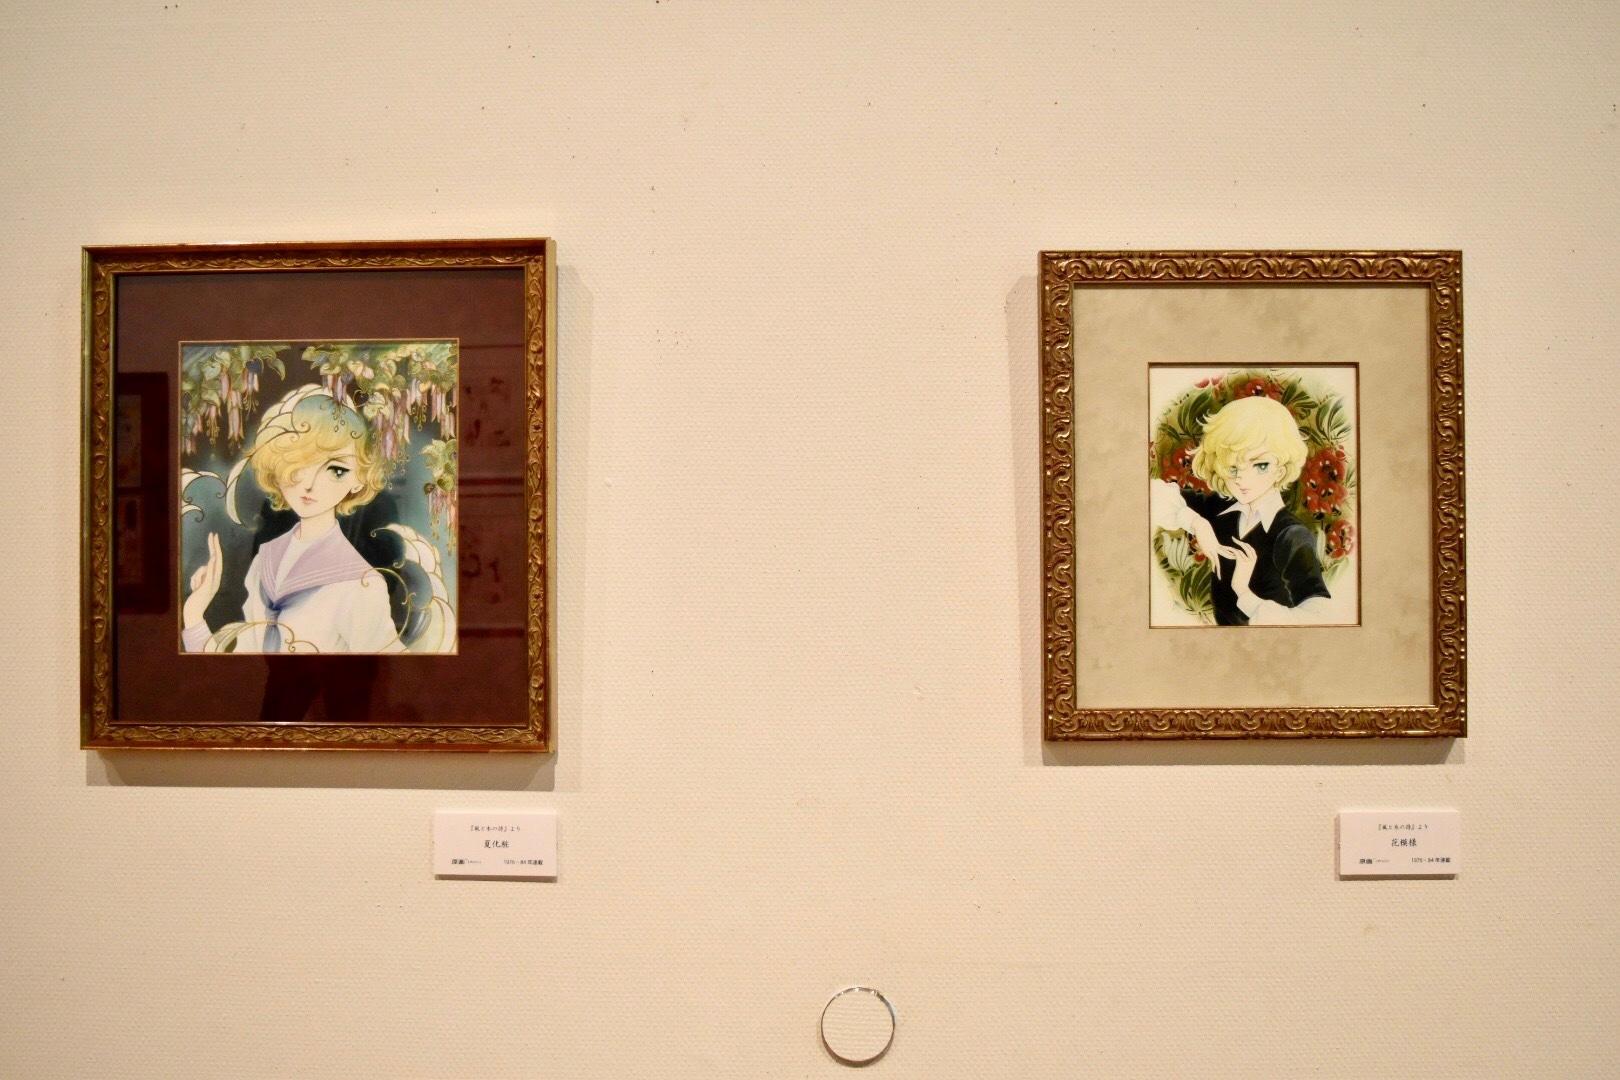 左:(C)竹宮惠子 『風と木の詩』より「夏化粧」 右:(C)竹宮惠子 『風と木の詩』より「花模様」